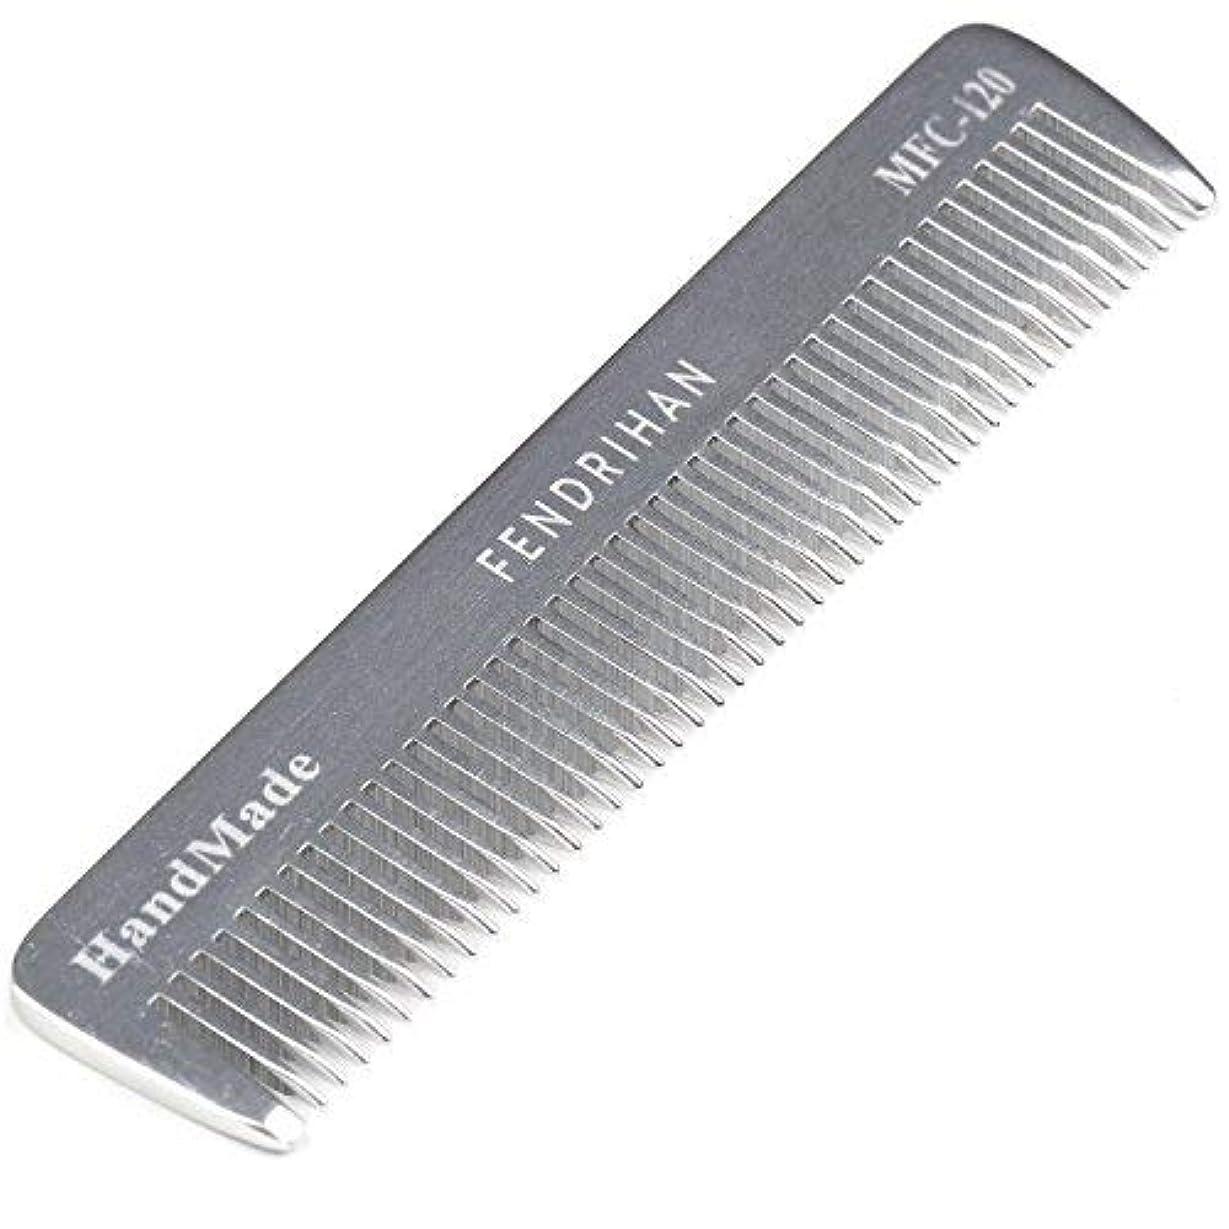 代わってバウンス時々時々Fendrihan Sturdy Metal Fine Tooth Barber Pocket Grooming Comb (4.6 Inches) [並行輸入品]